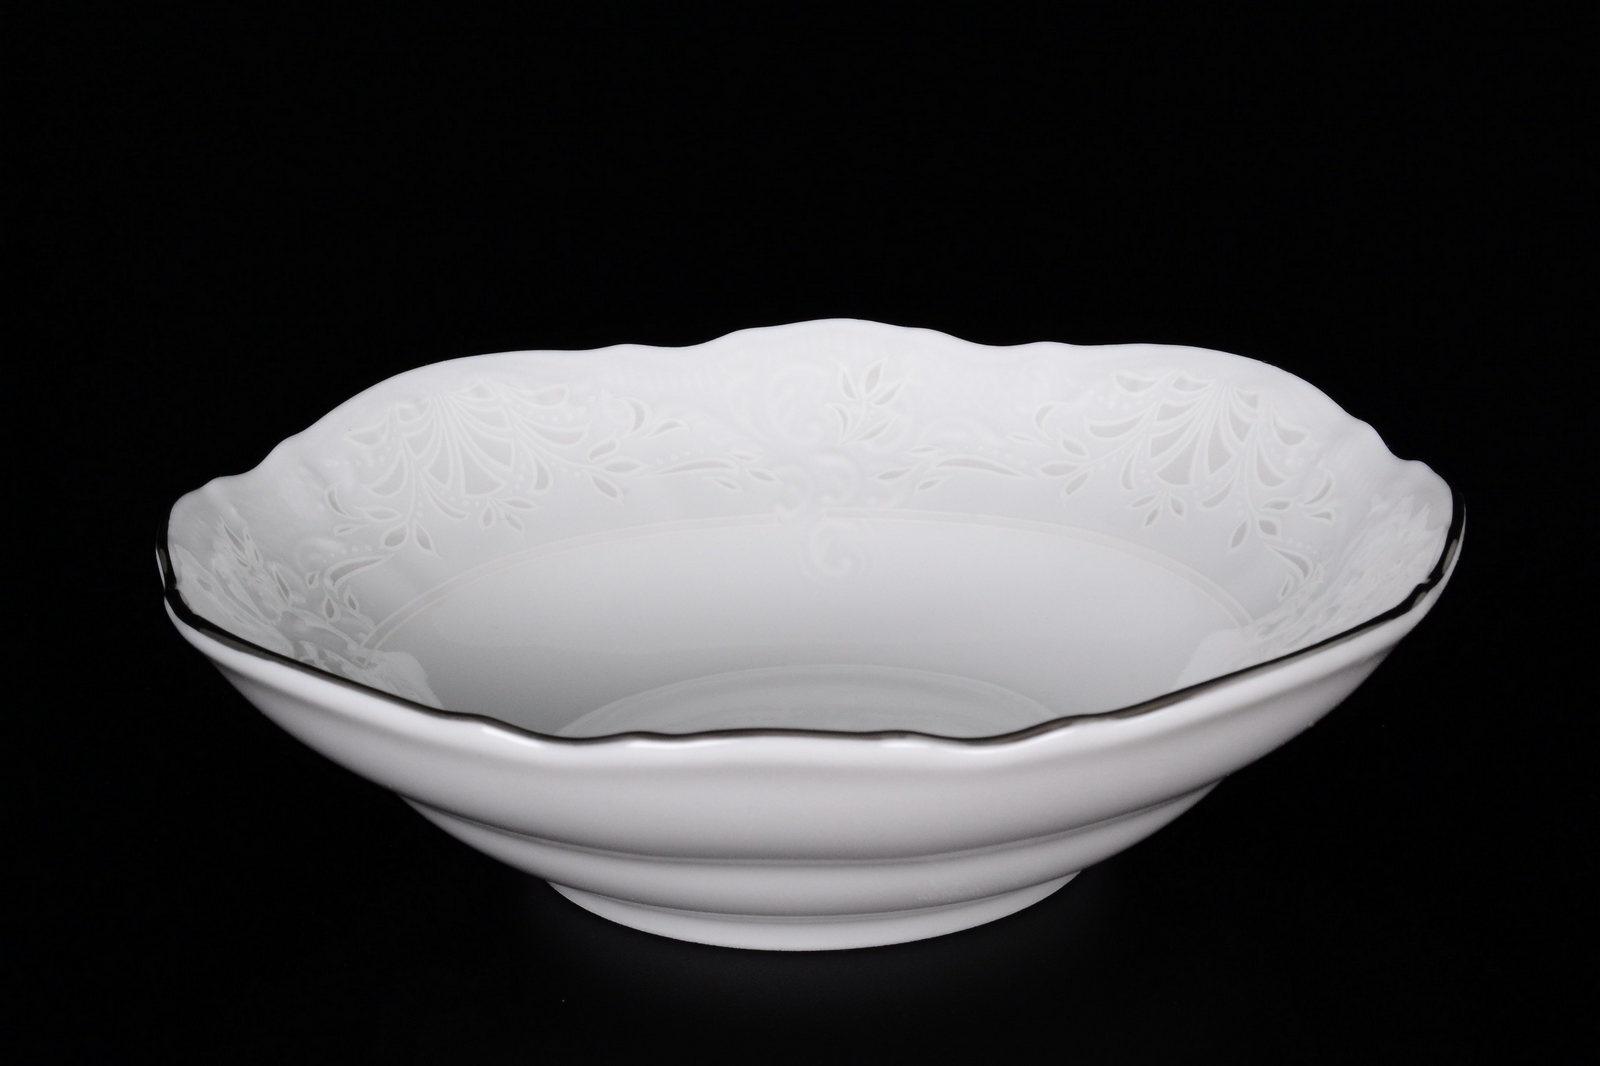 Набор салатников Bernadotte, 07078, белый, серебристый, 13 см, 6 шт